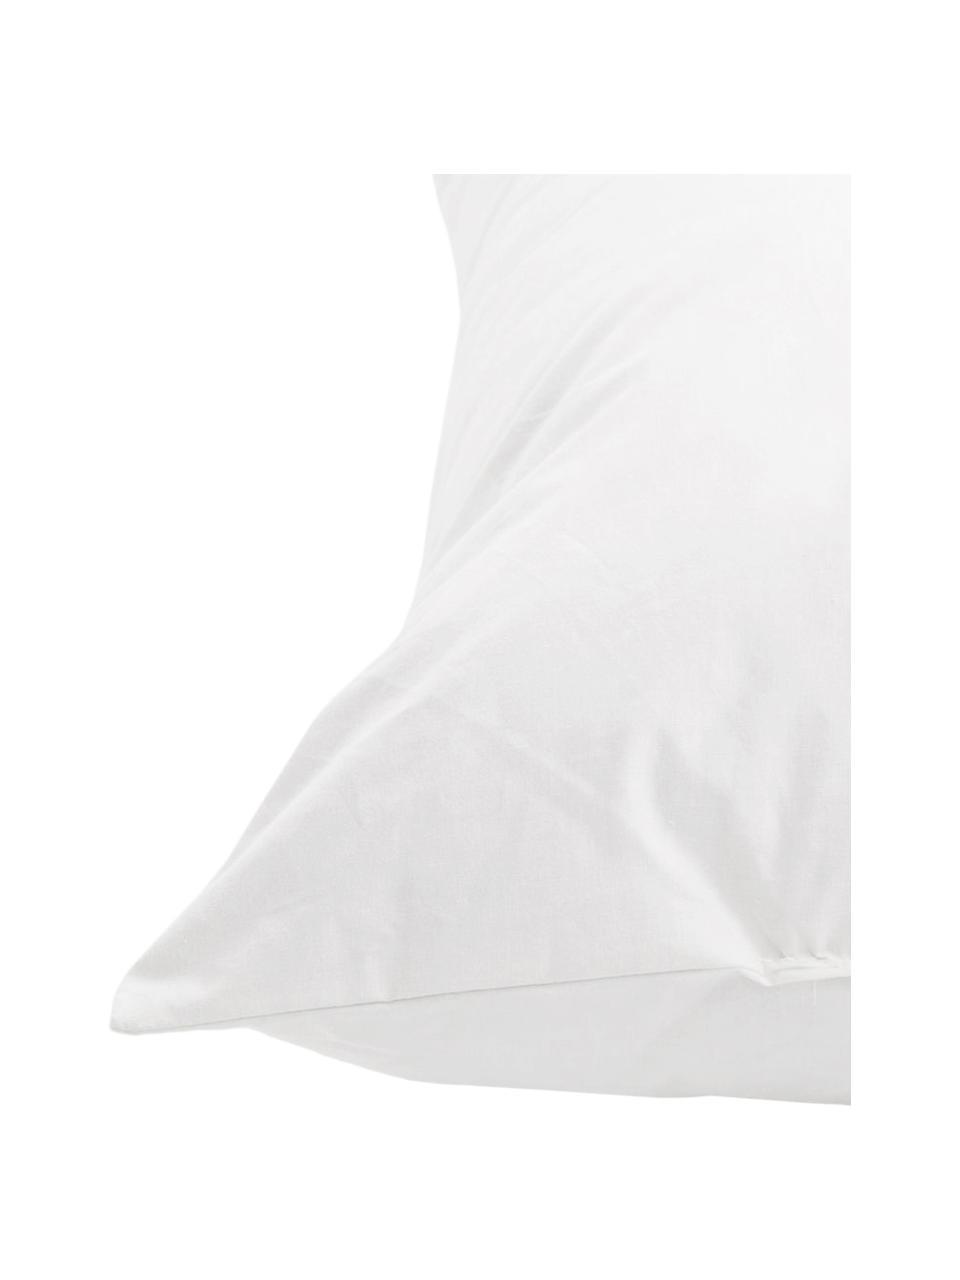 Kissen-Inlett Premium, 40x60, Daunen/Feder-Füllung, Bezug: Feinköper, 100% Baumwolle, Weiß, 40 x 60 cm